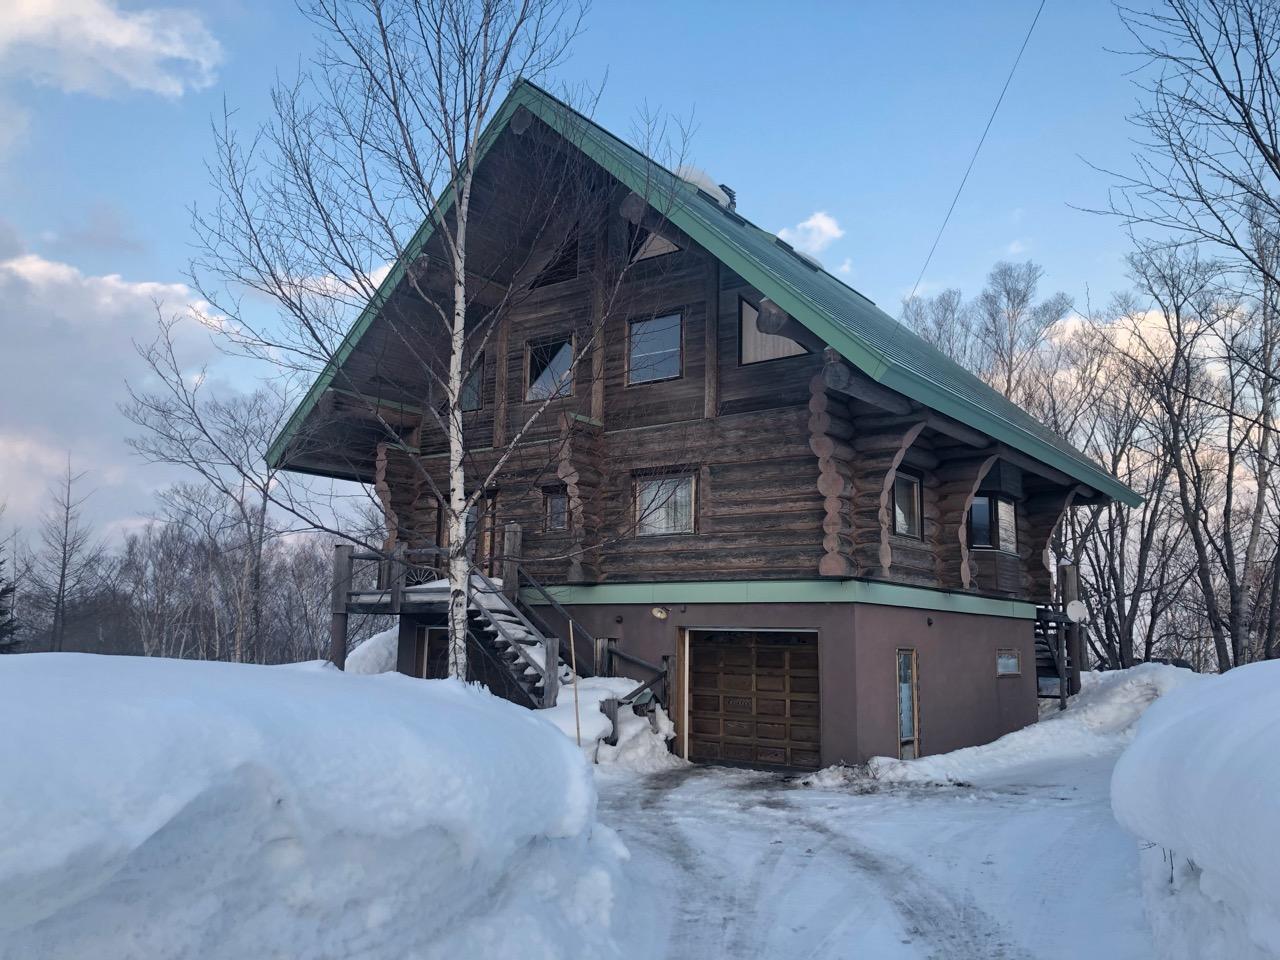 A cabin in the snowy woods near Hanazono